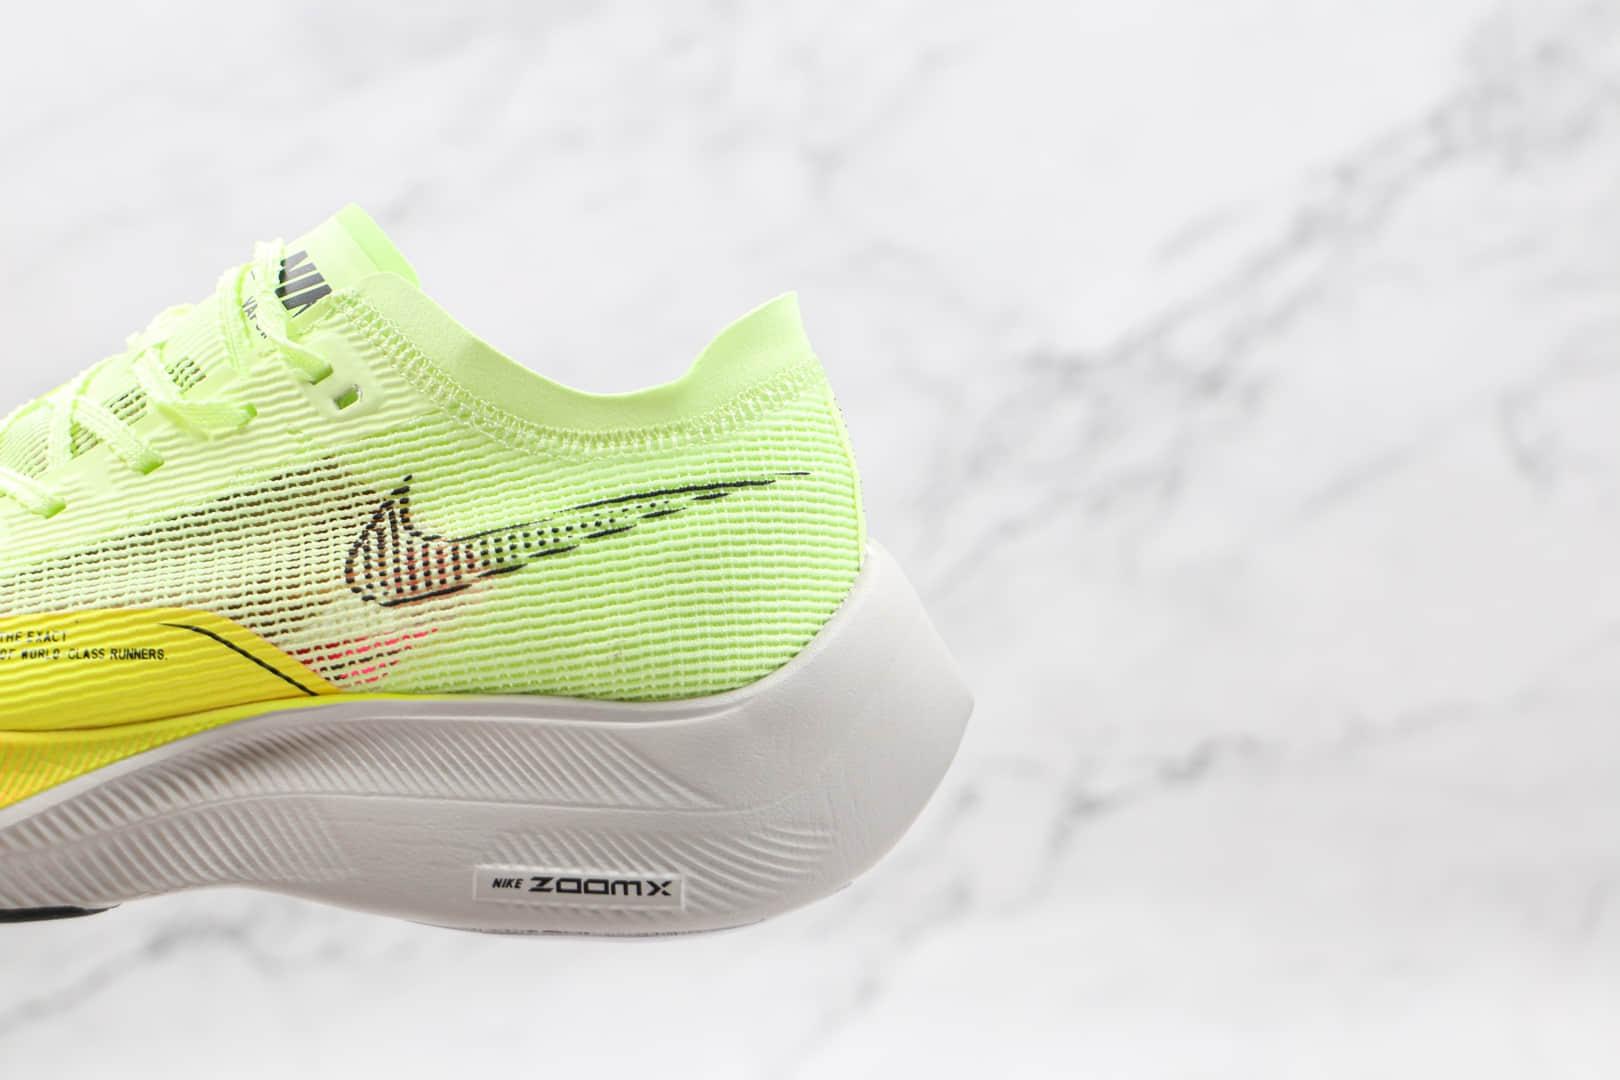 耐克Nike Air Zoom Alphafly NEXT%纯原版本蝉翼网纱透气马拉松NEXT%橙绿渐变色慢跑鞋原盒原标 货号:CU4111-700